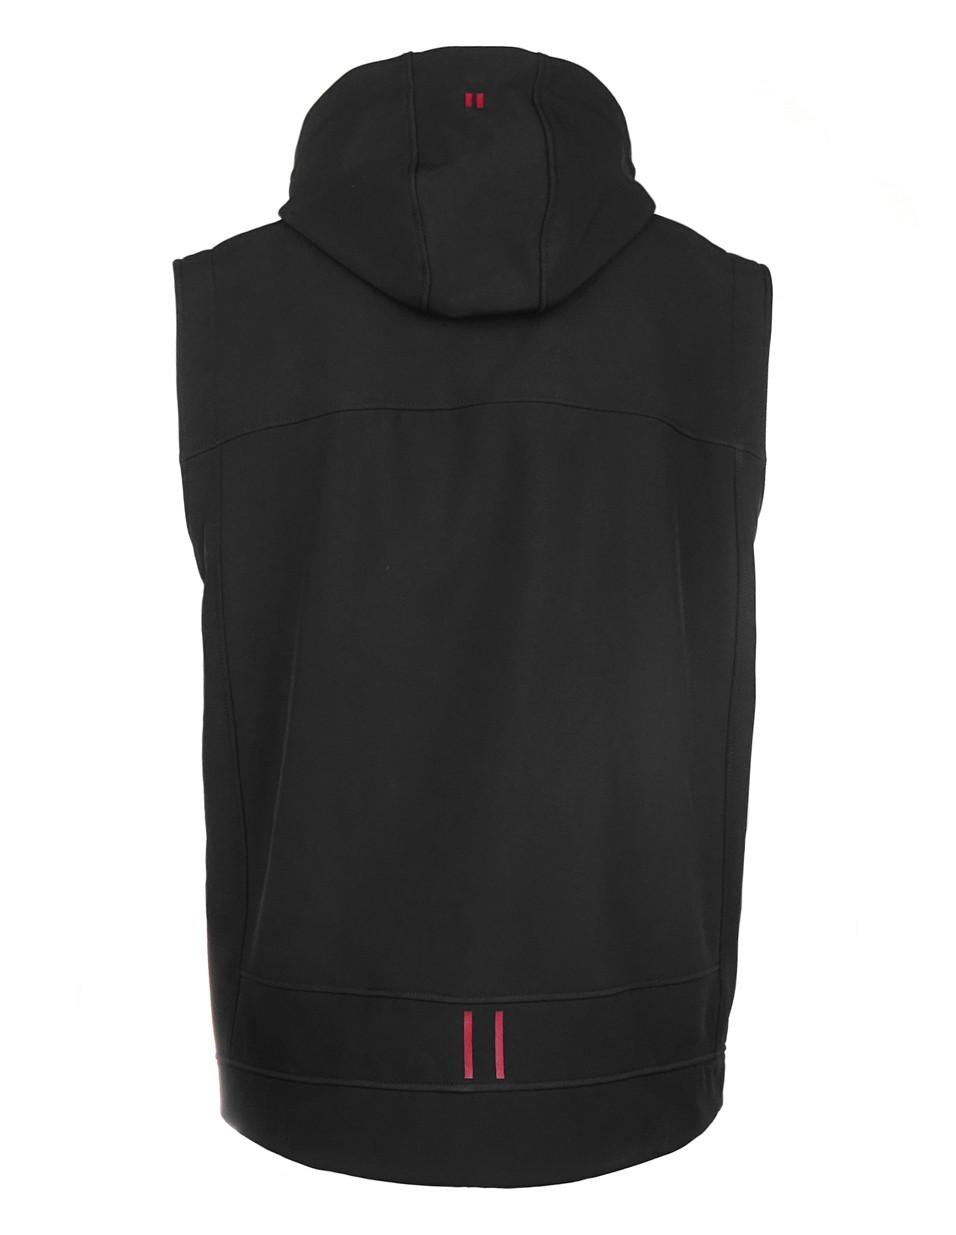 bb64e7800 Pánska softshellová vesta; Pánska softshellová vesta ...